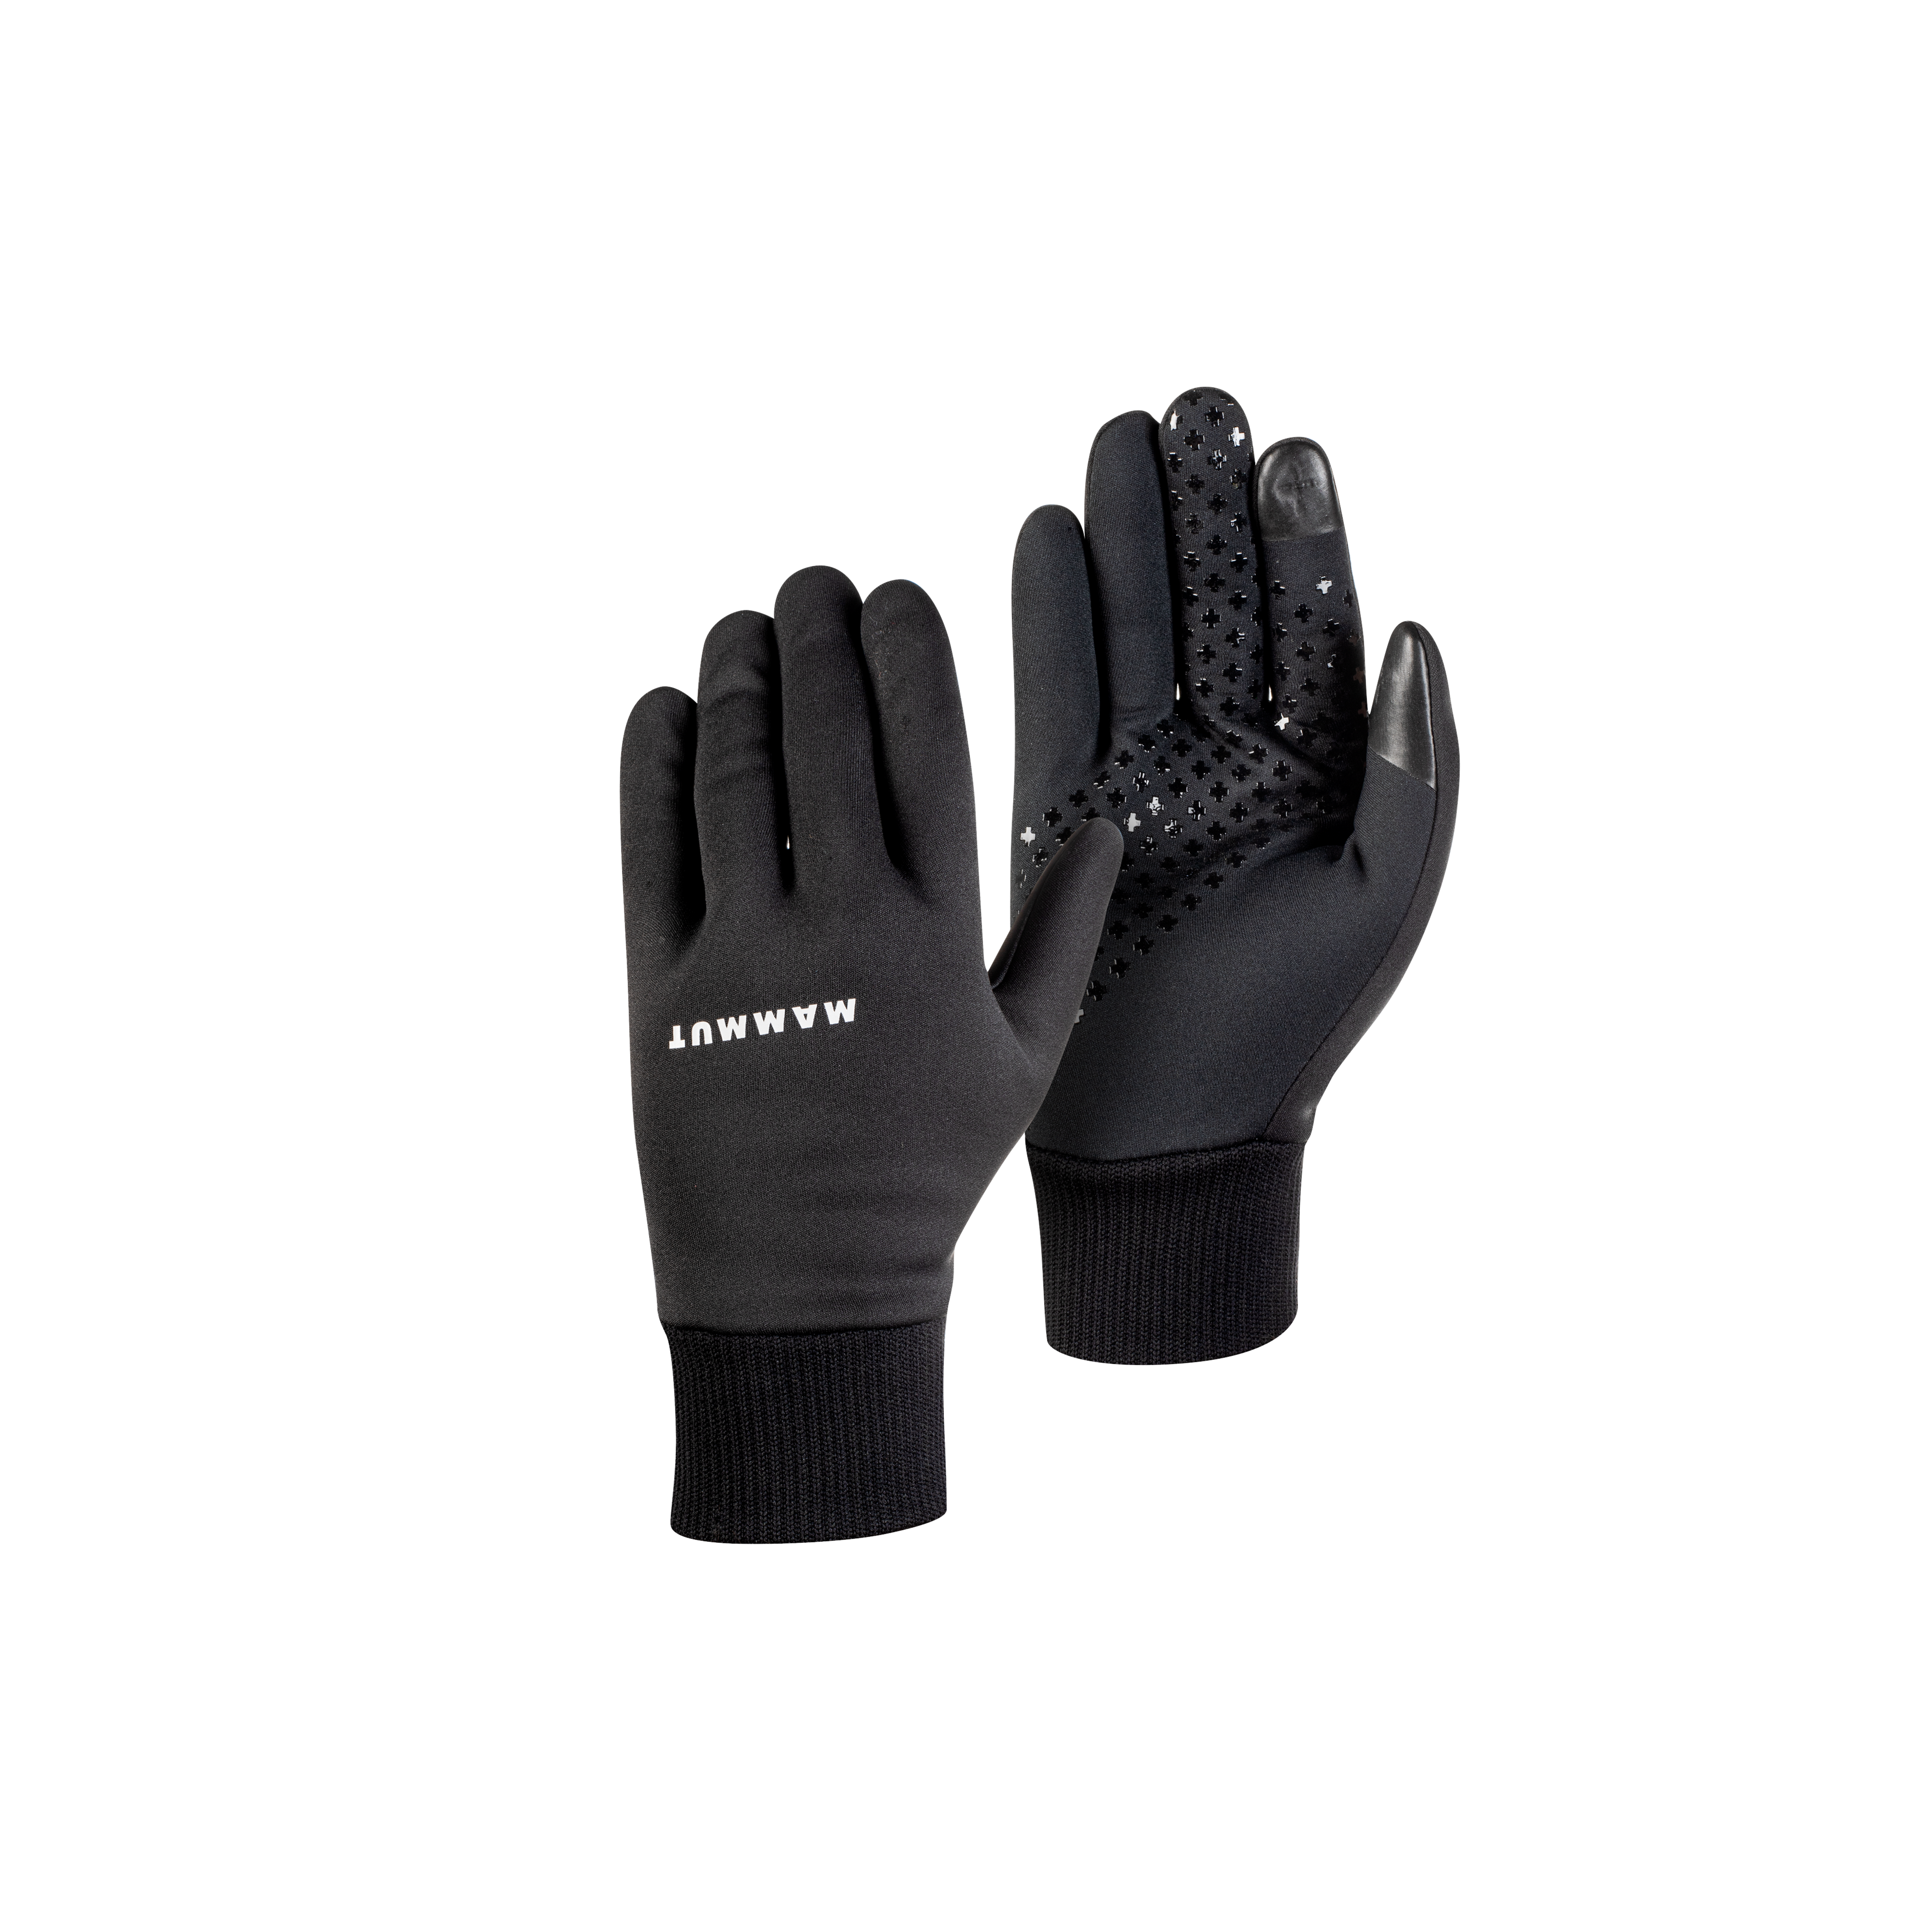 Stretch Pro WS Glove - 8, black thumbnail